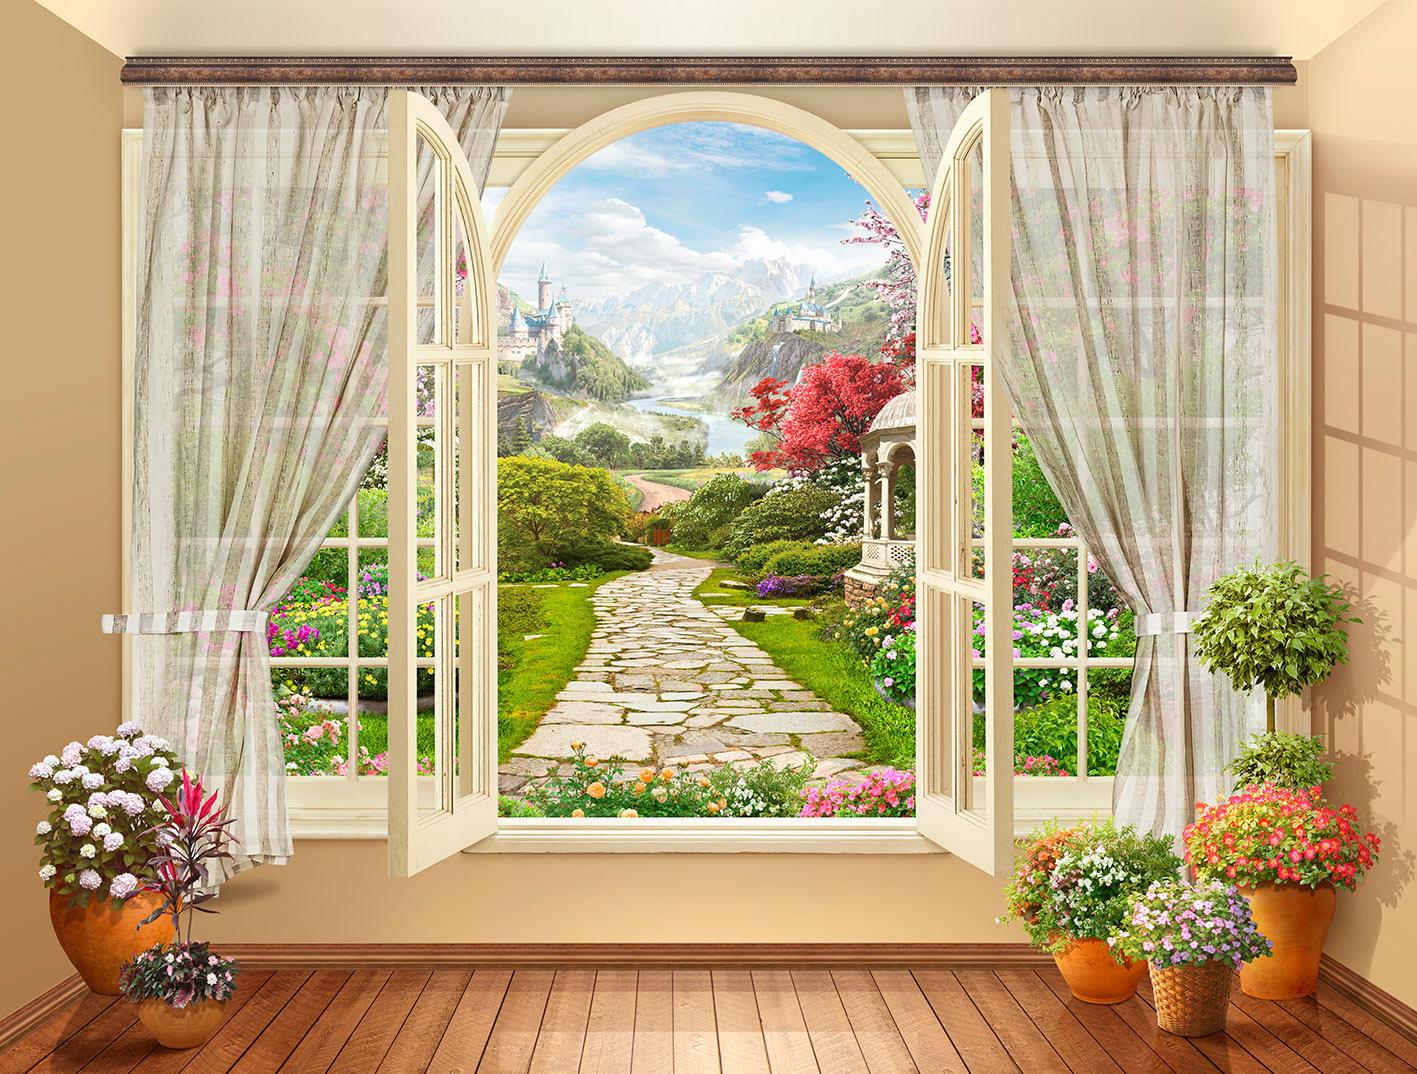 Выбираем фотообои с видом из окна на сад или природу